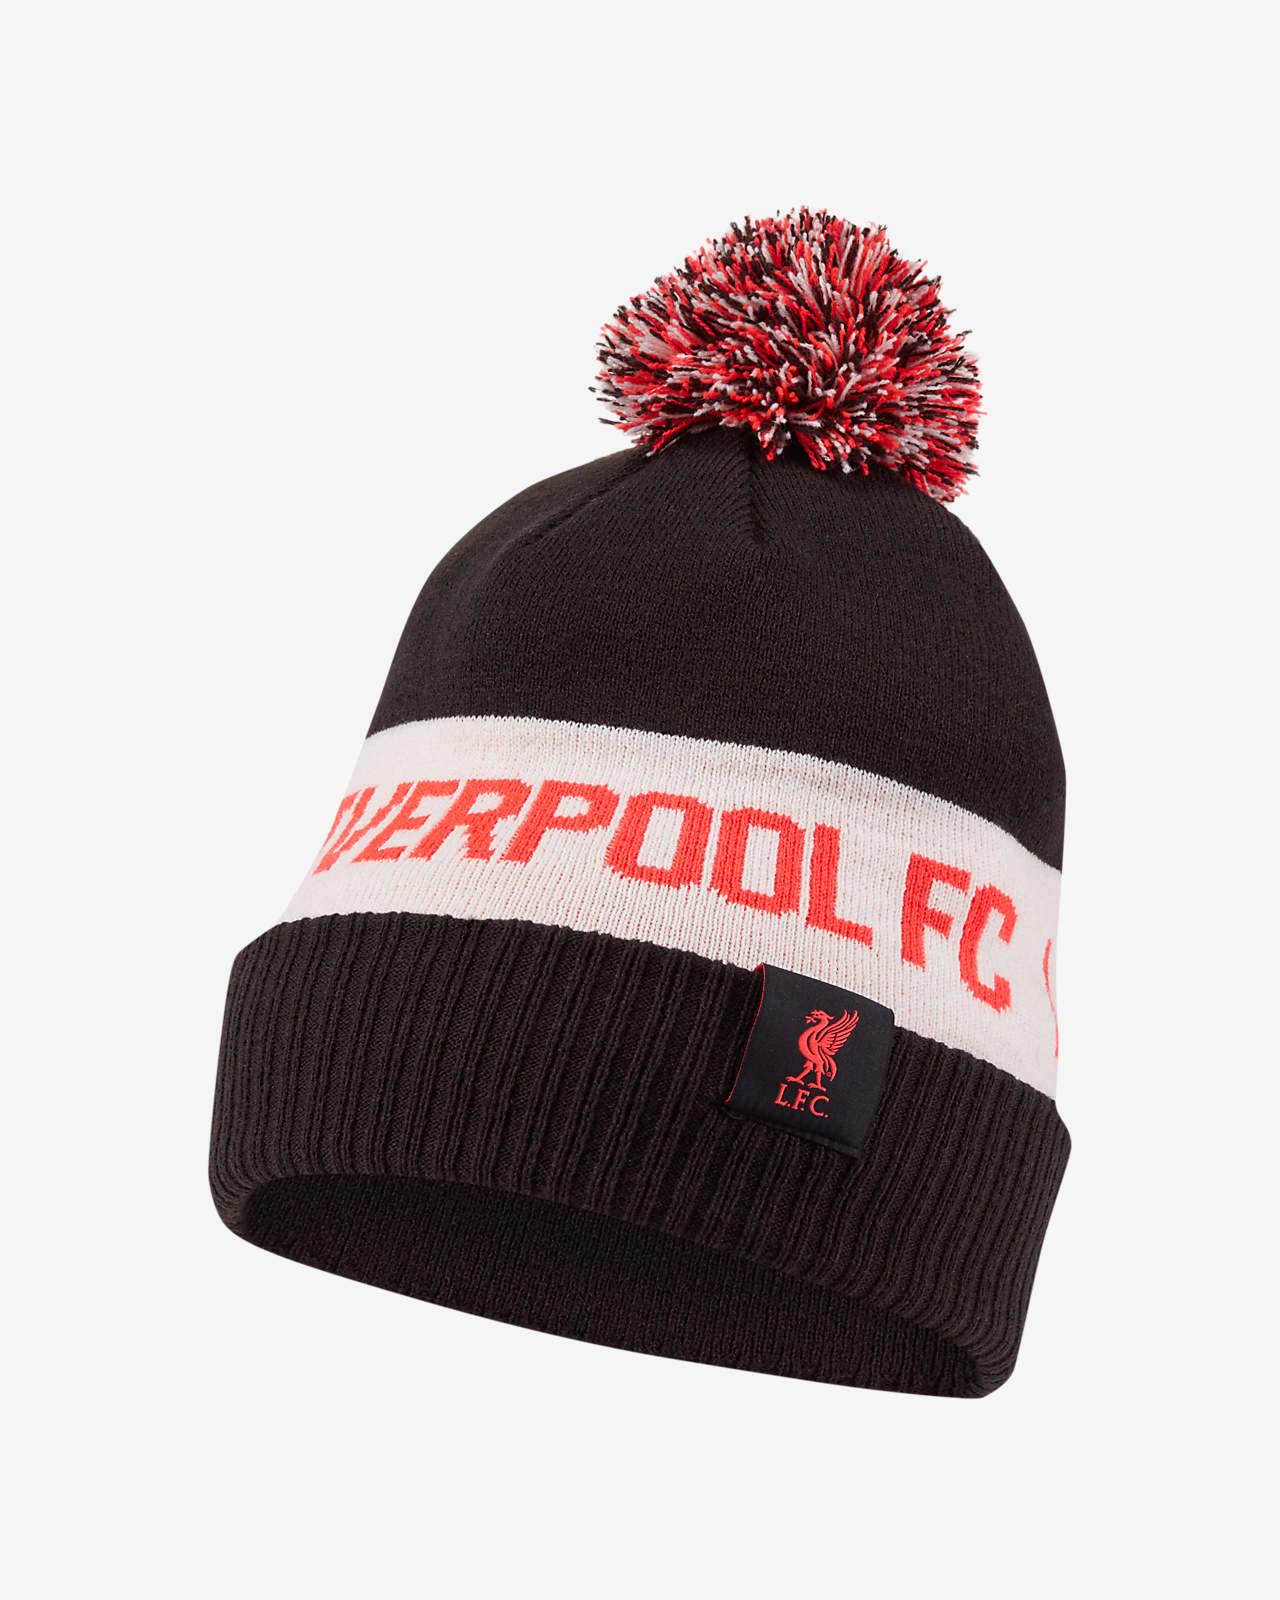 Liverpool F.C. Pom Beanie